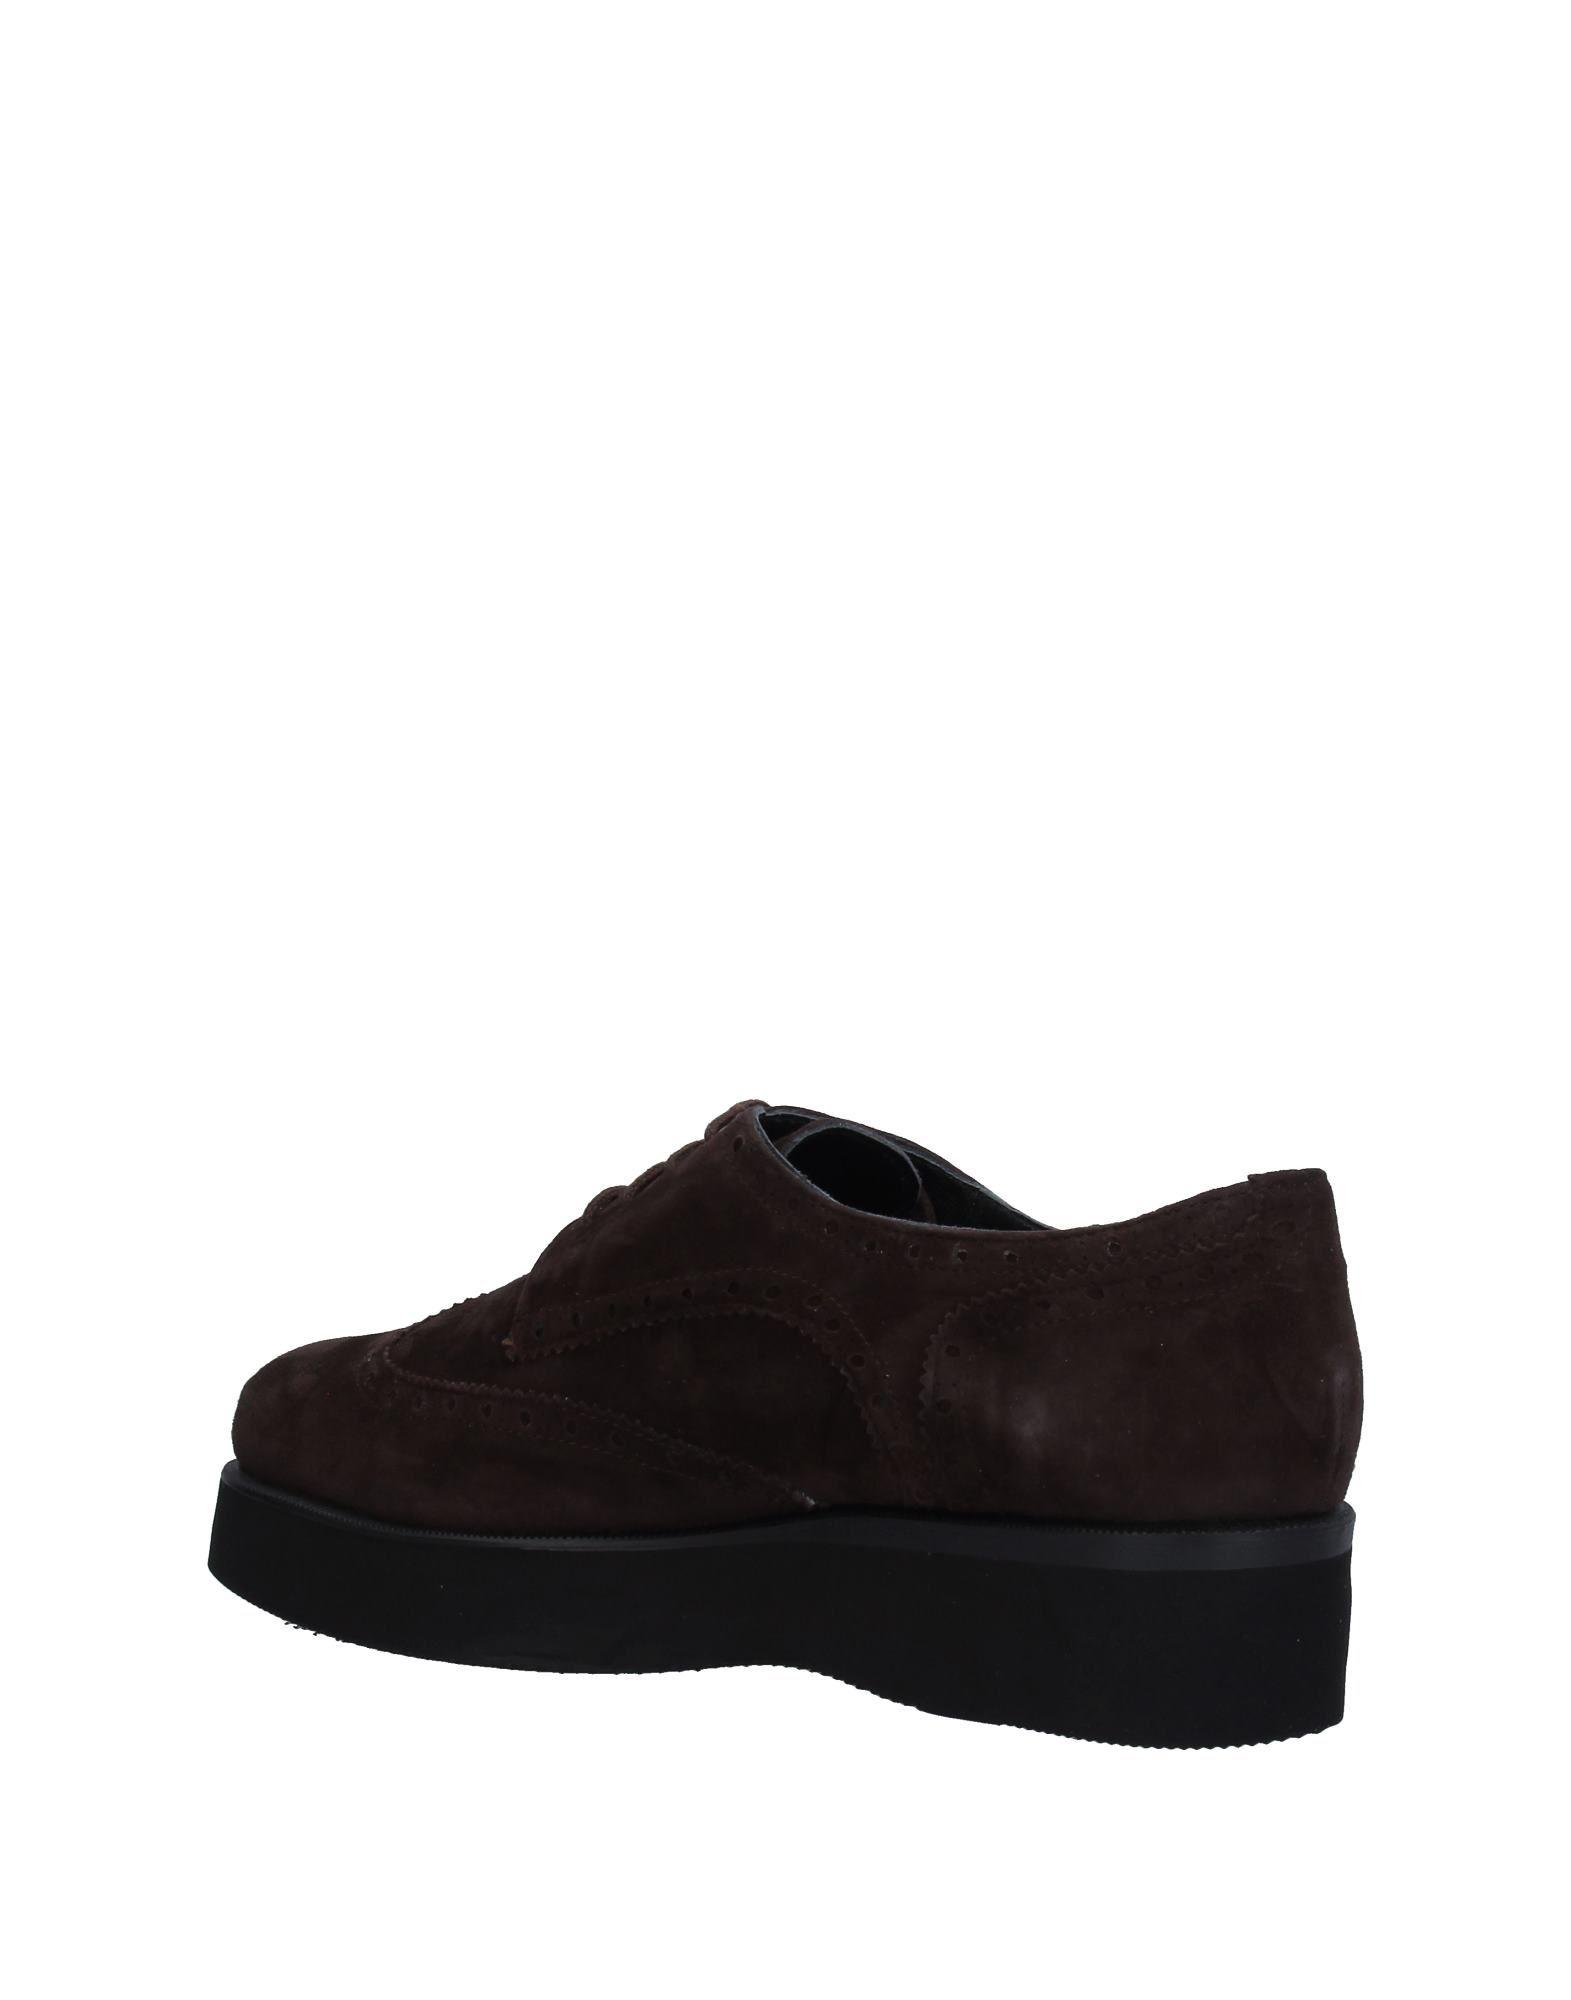 Chaussures À Lacets Rêve Dun Jour Femme - Chaussures À Lacets Rêve Dun Jour sur